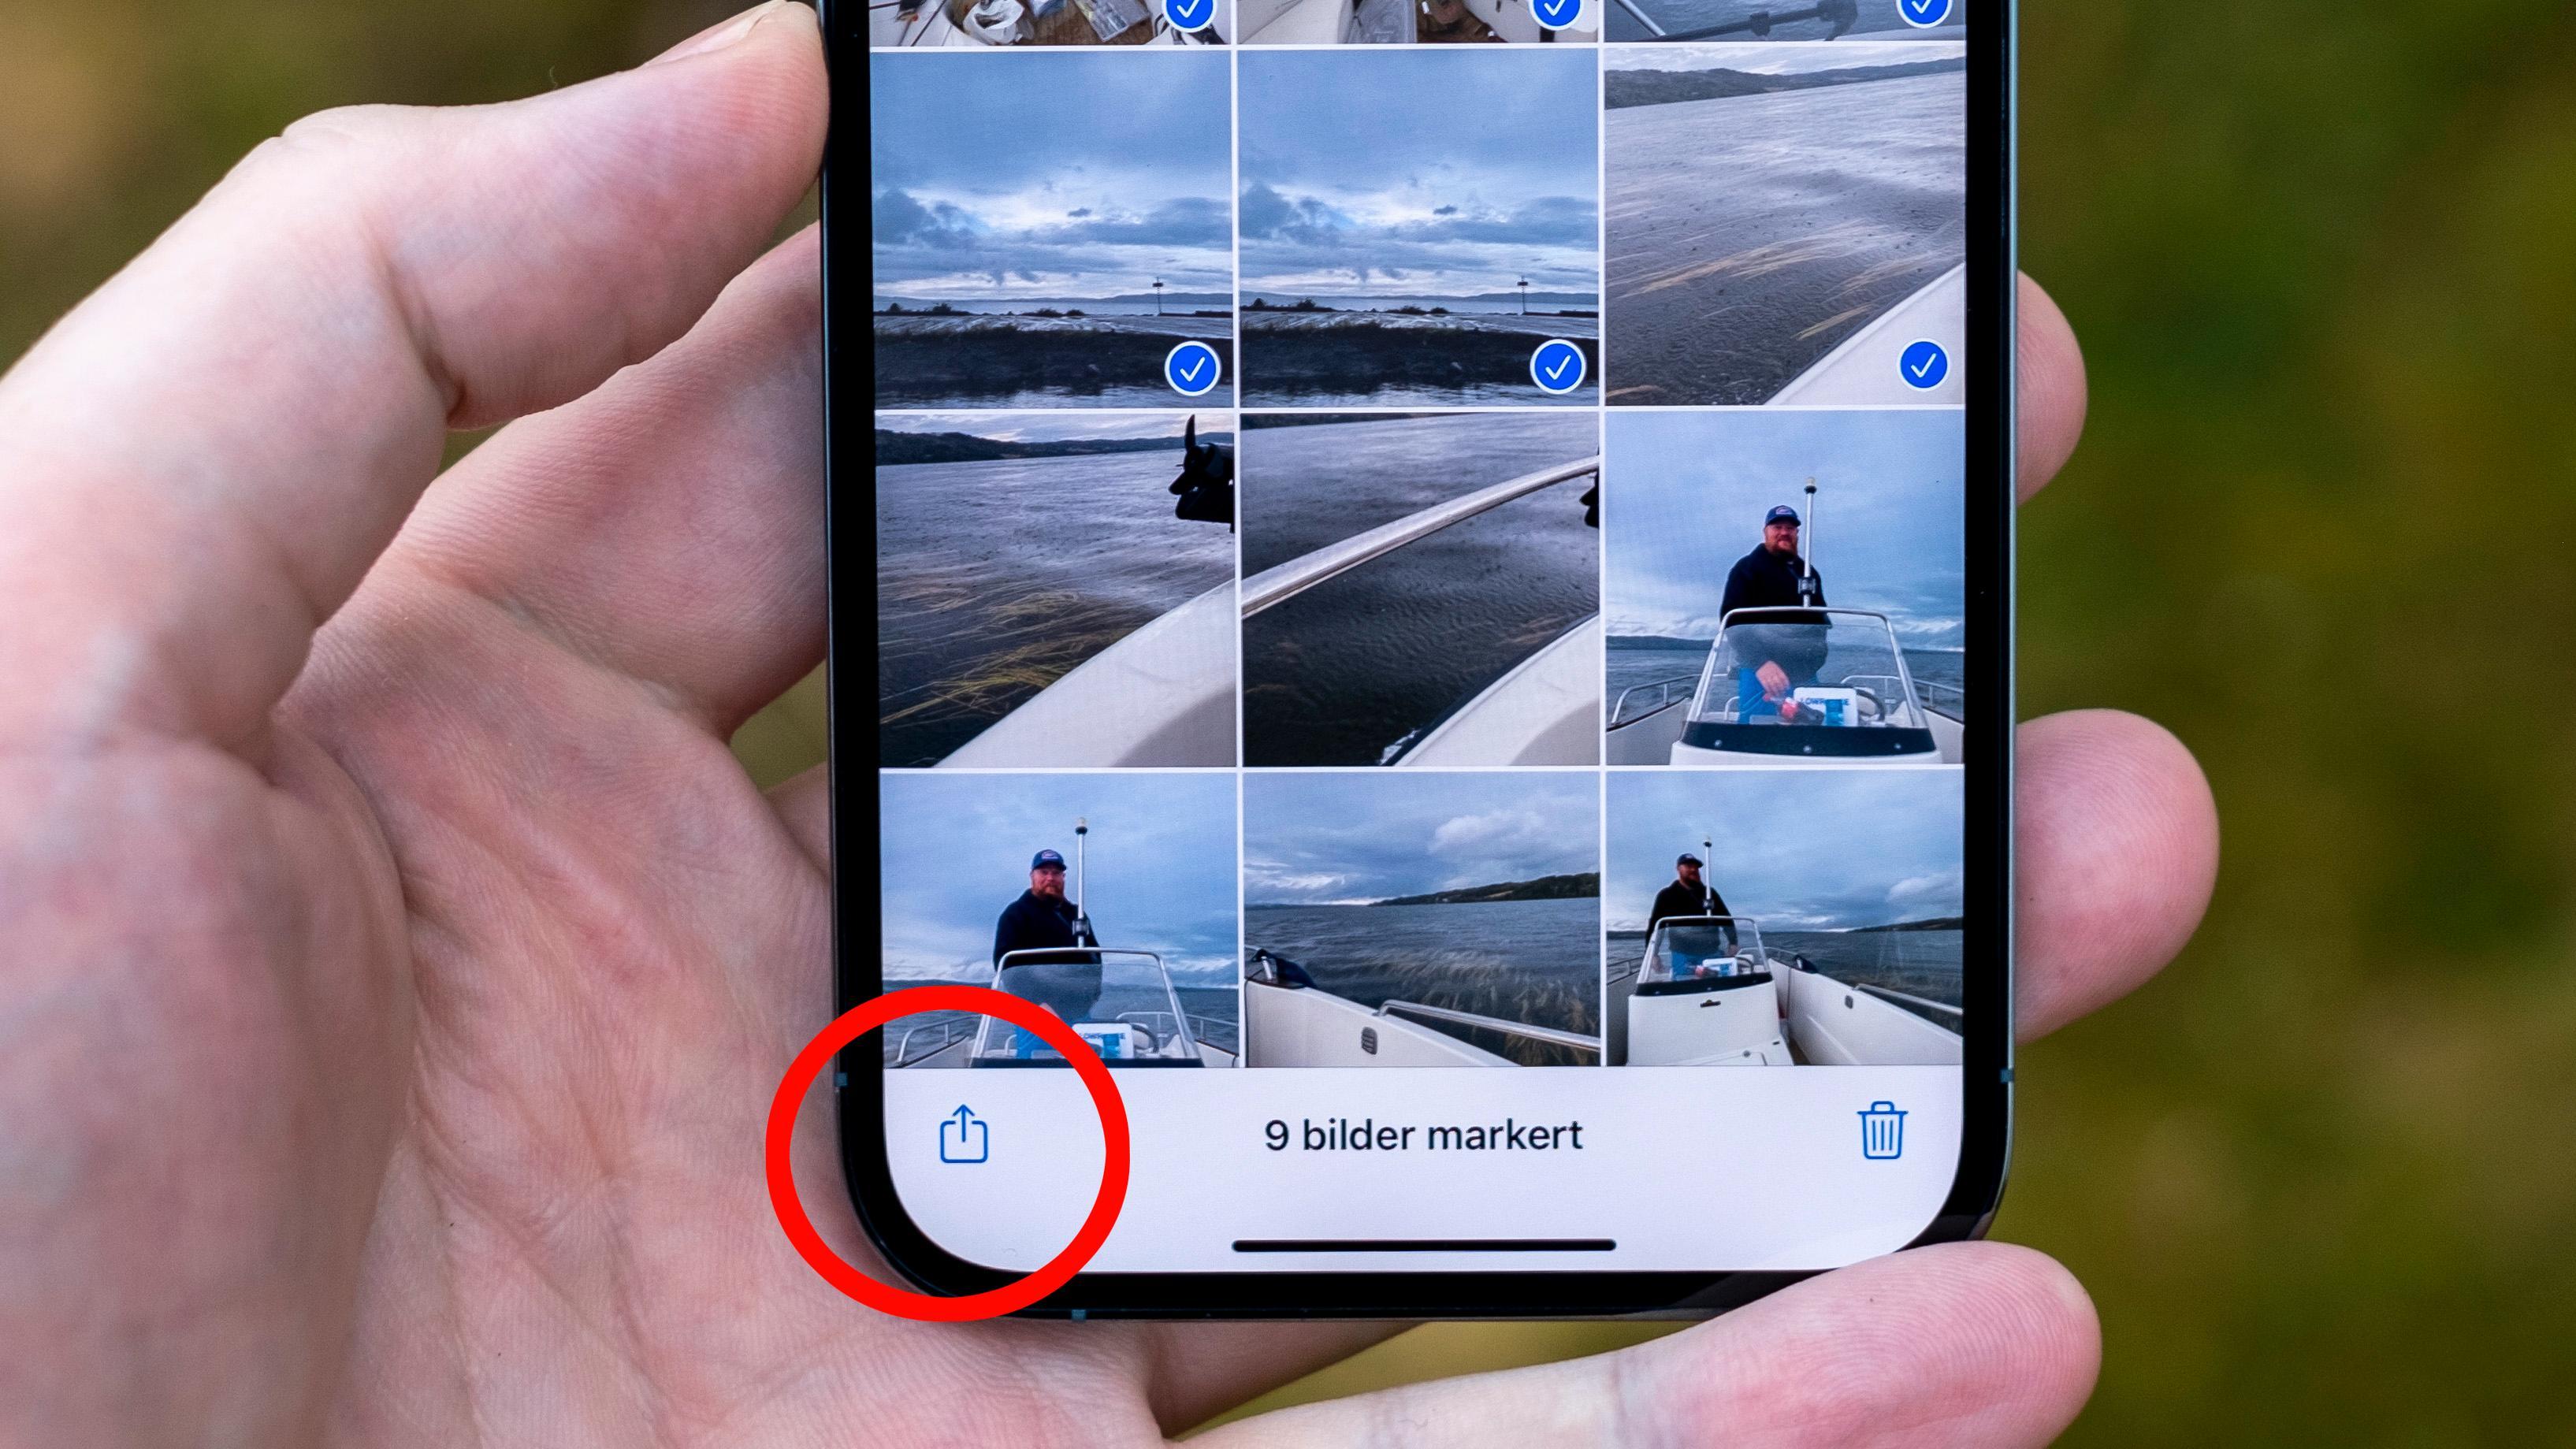 Del bildene ved å bruke deleknappen nederst til venstre.